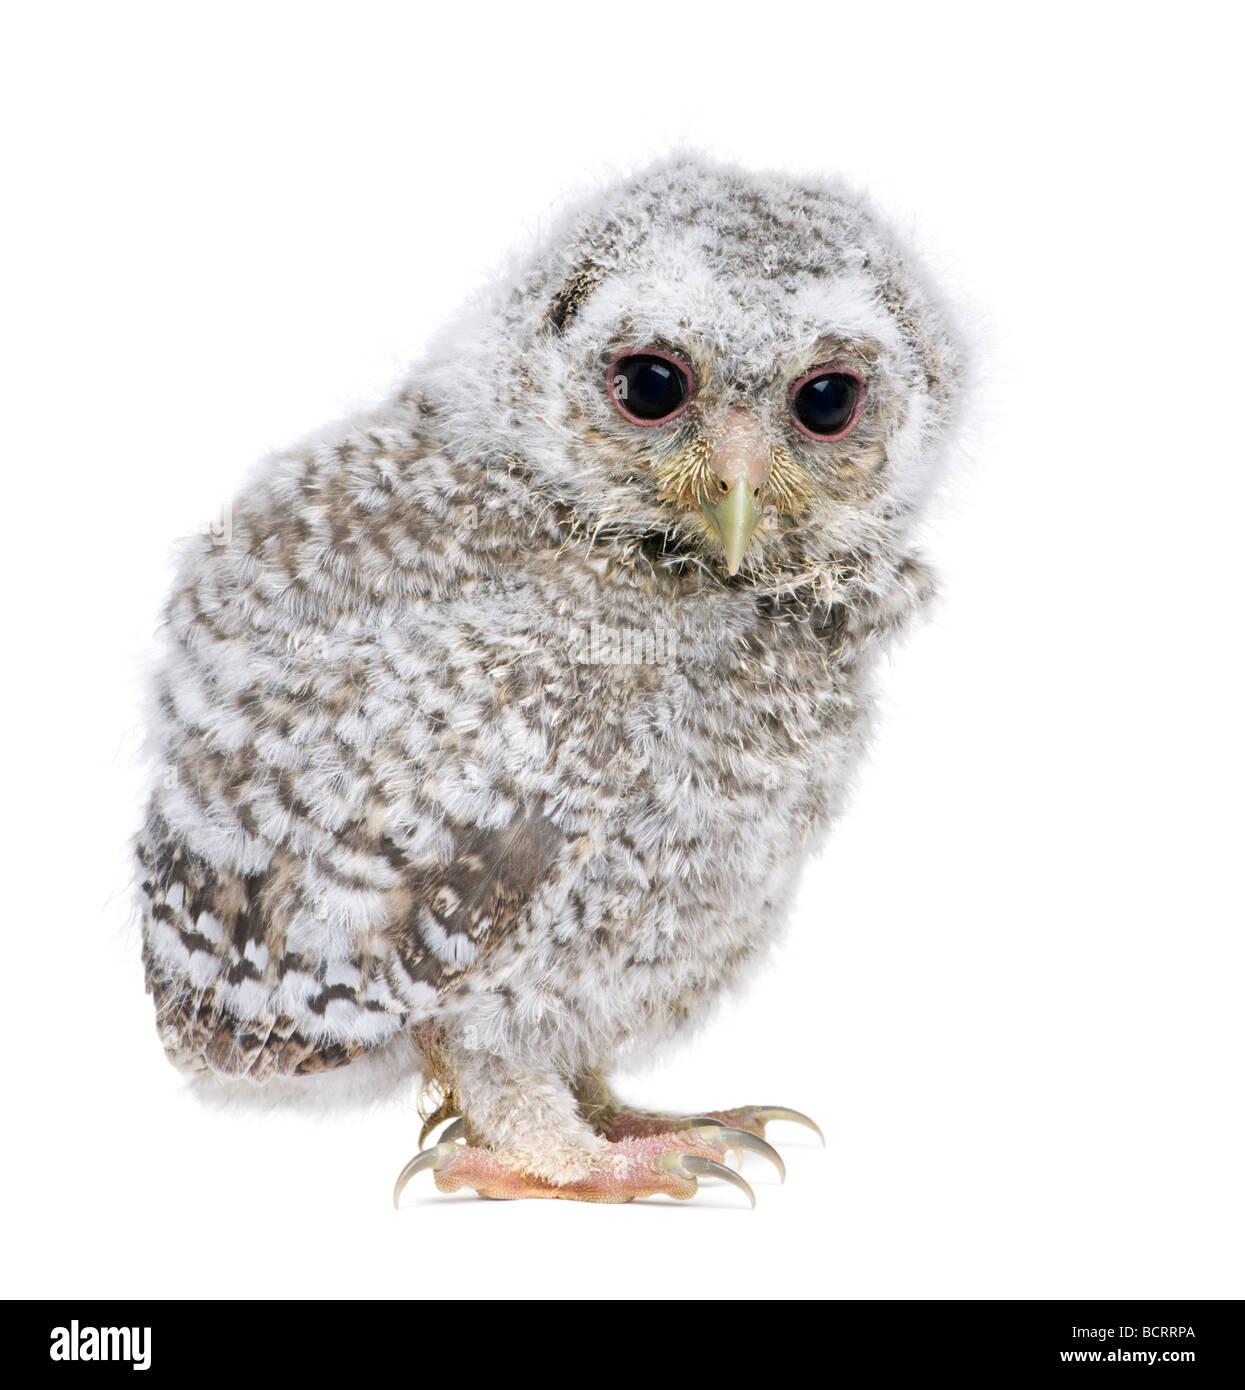 Owlet, Athene noctua, 4 semanas de edad, delante de un fondo blanco, Foto de estudio Imagen De Stock